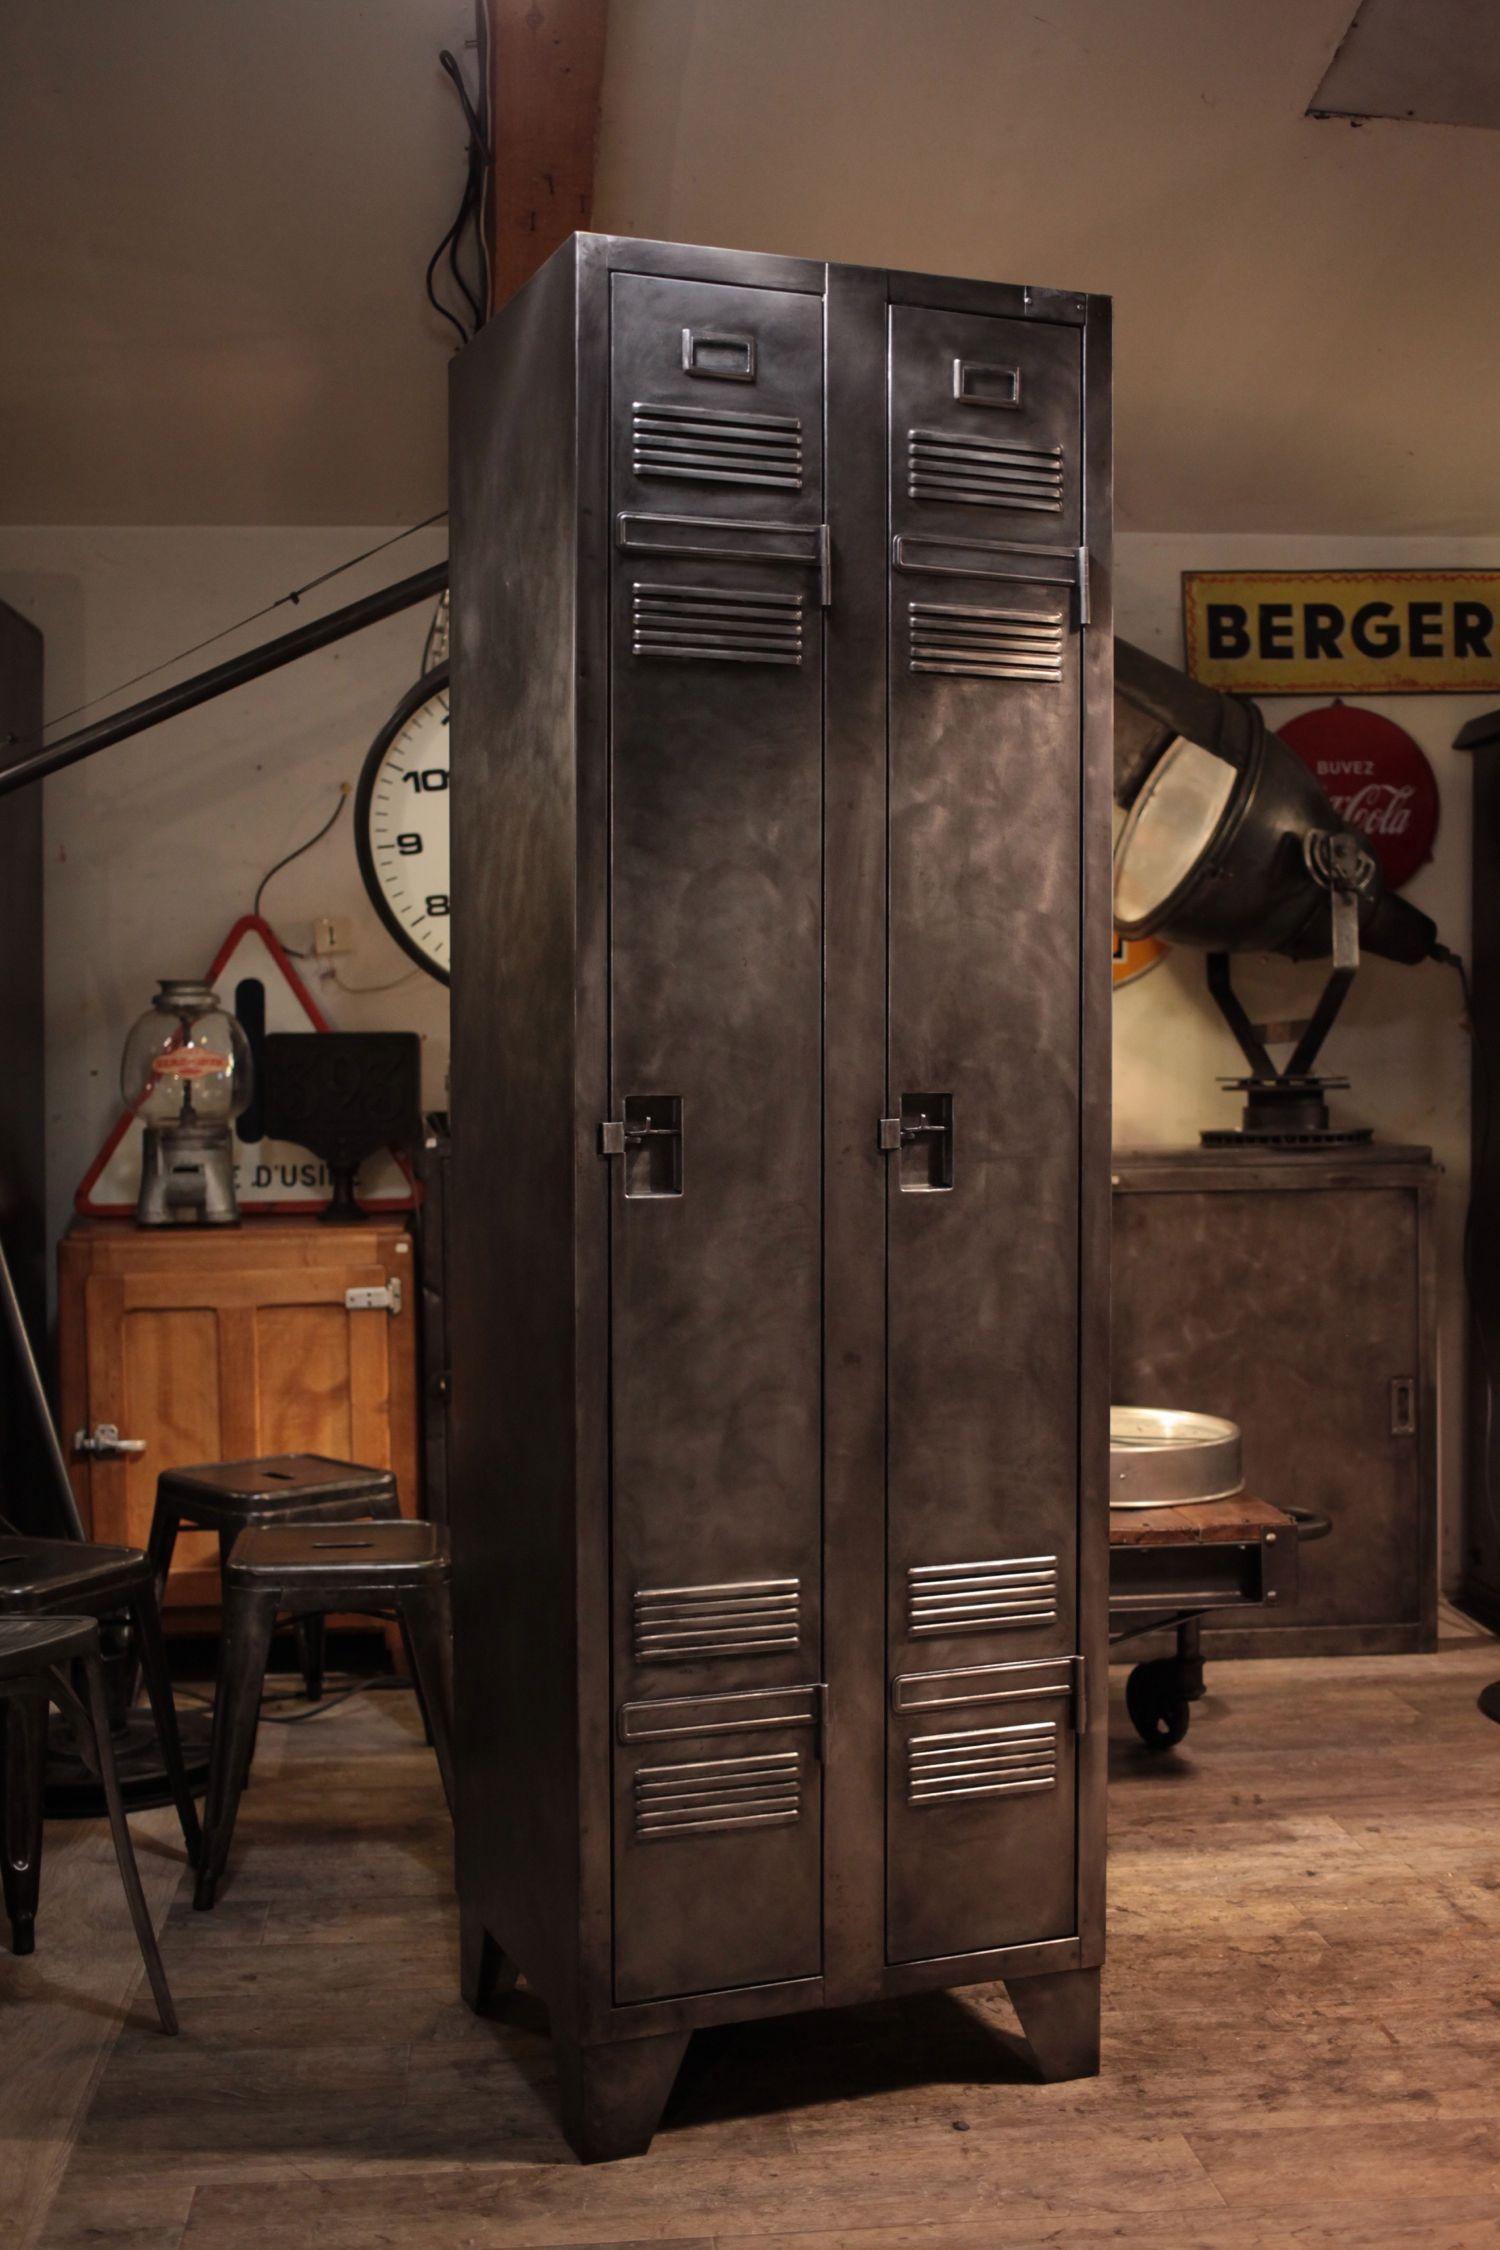 meuble industriel vestiaire des ptt ancien deco loft industrial vintage furniture collection urban design